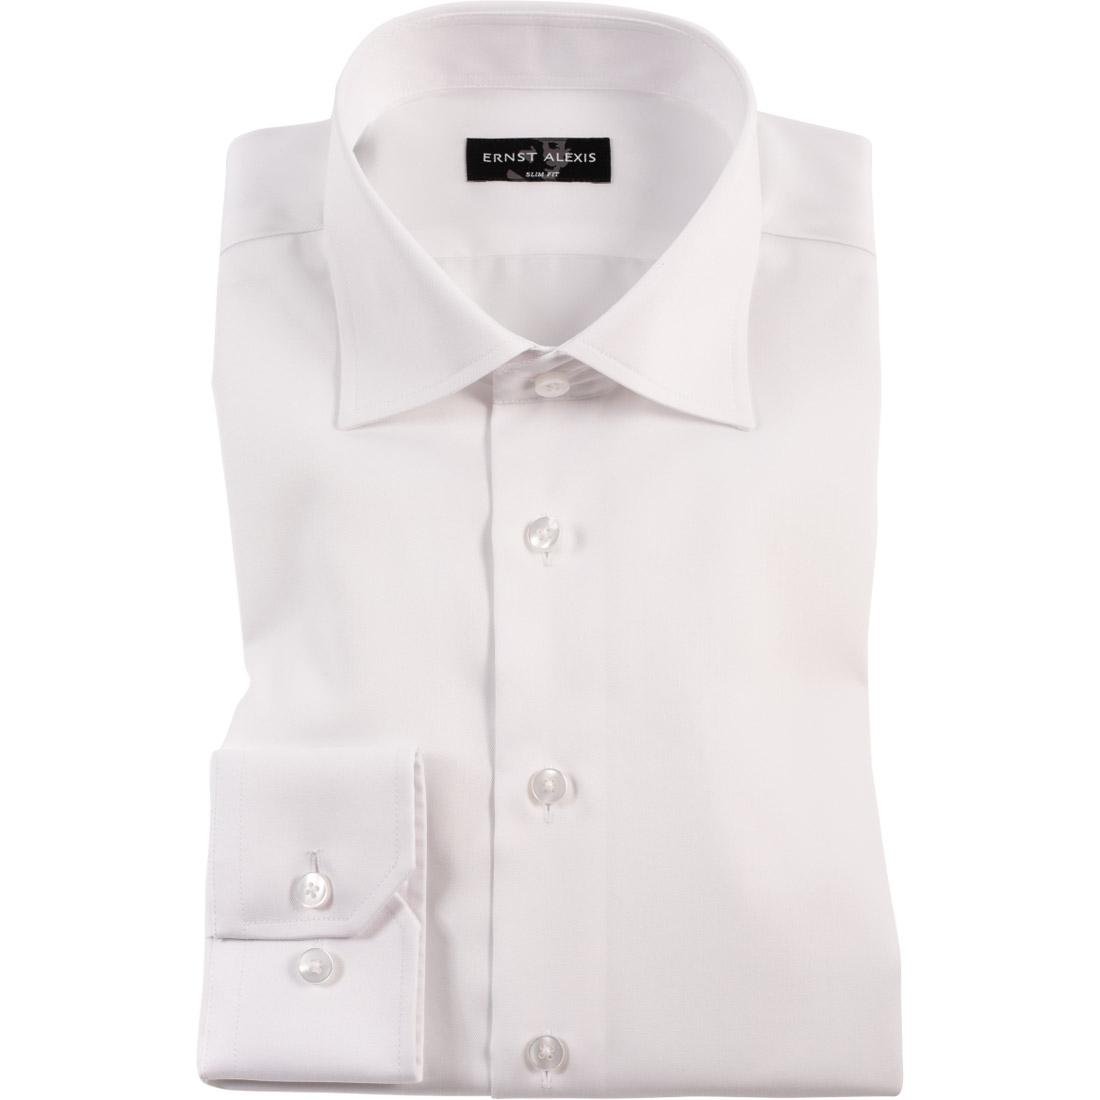 Köp Skjortor med egen Brodyr Tryck | Fri frakt